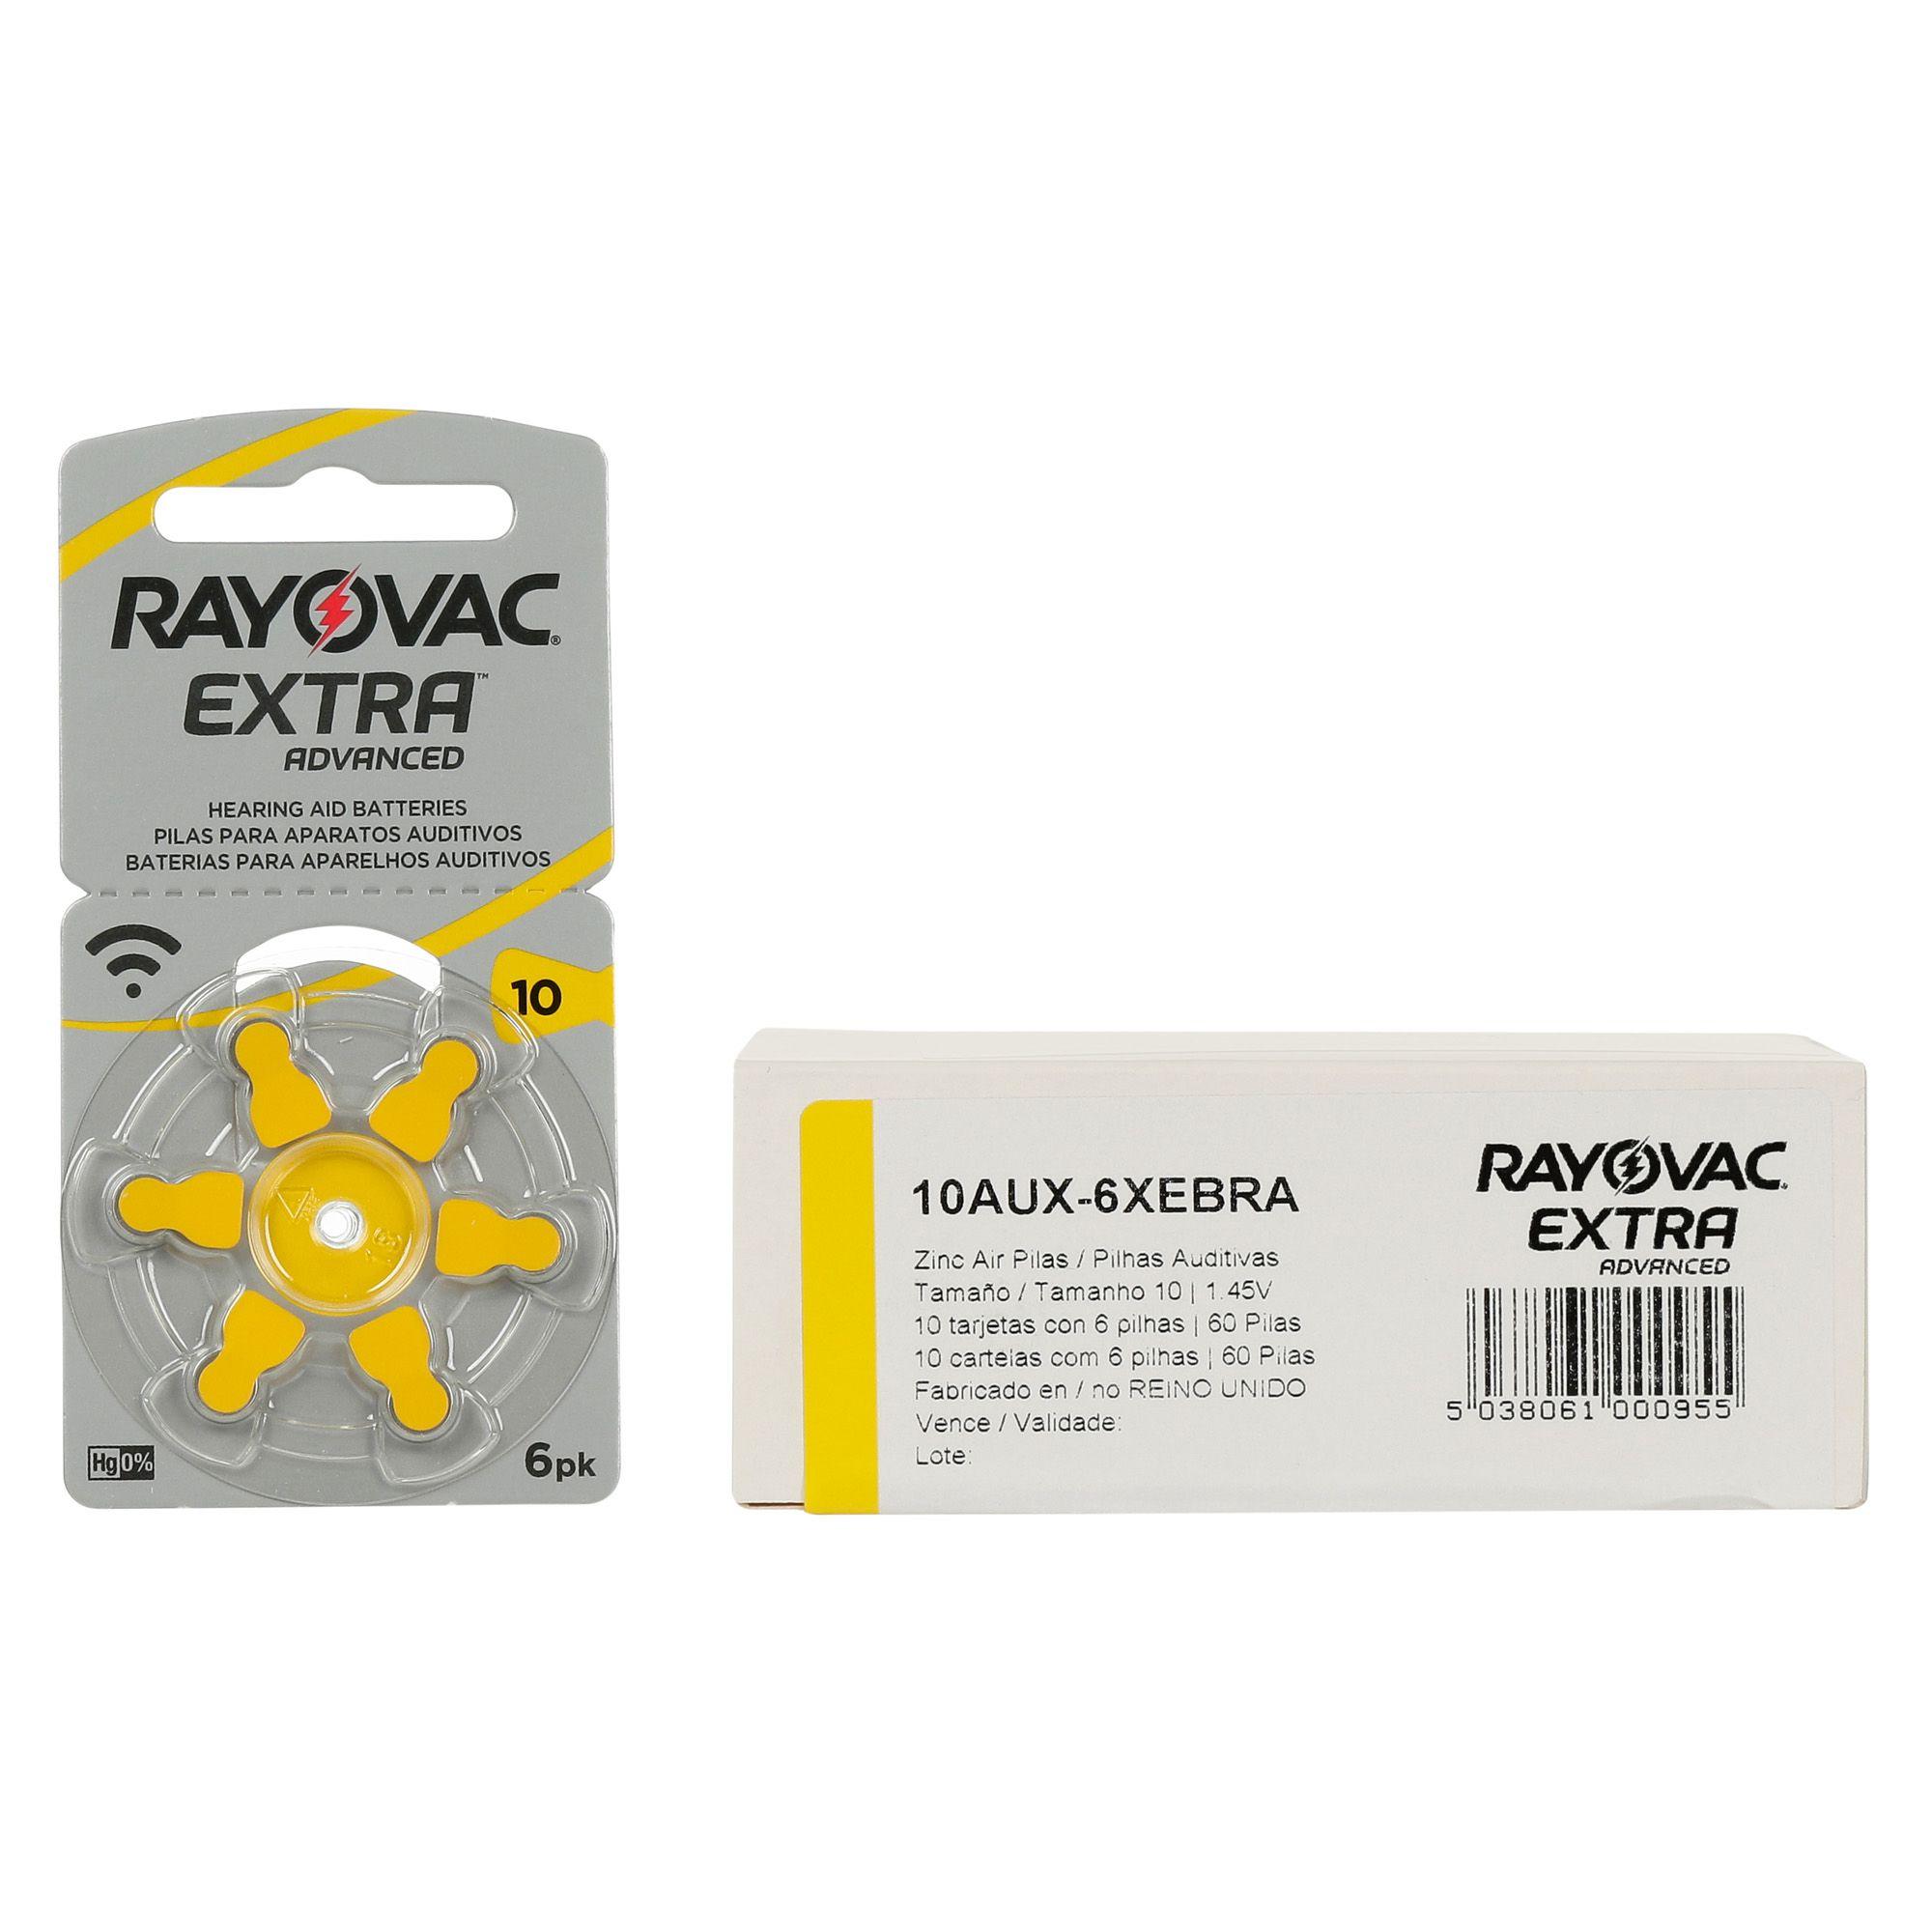 Rayovac 10 / PR70 - 10 Cartelas - 60 Baterias para Aparelho Auditivo  - SONORA